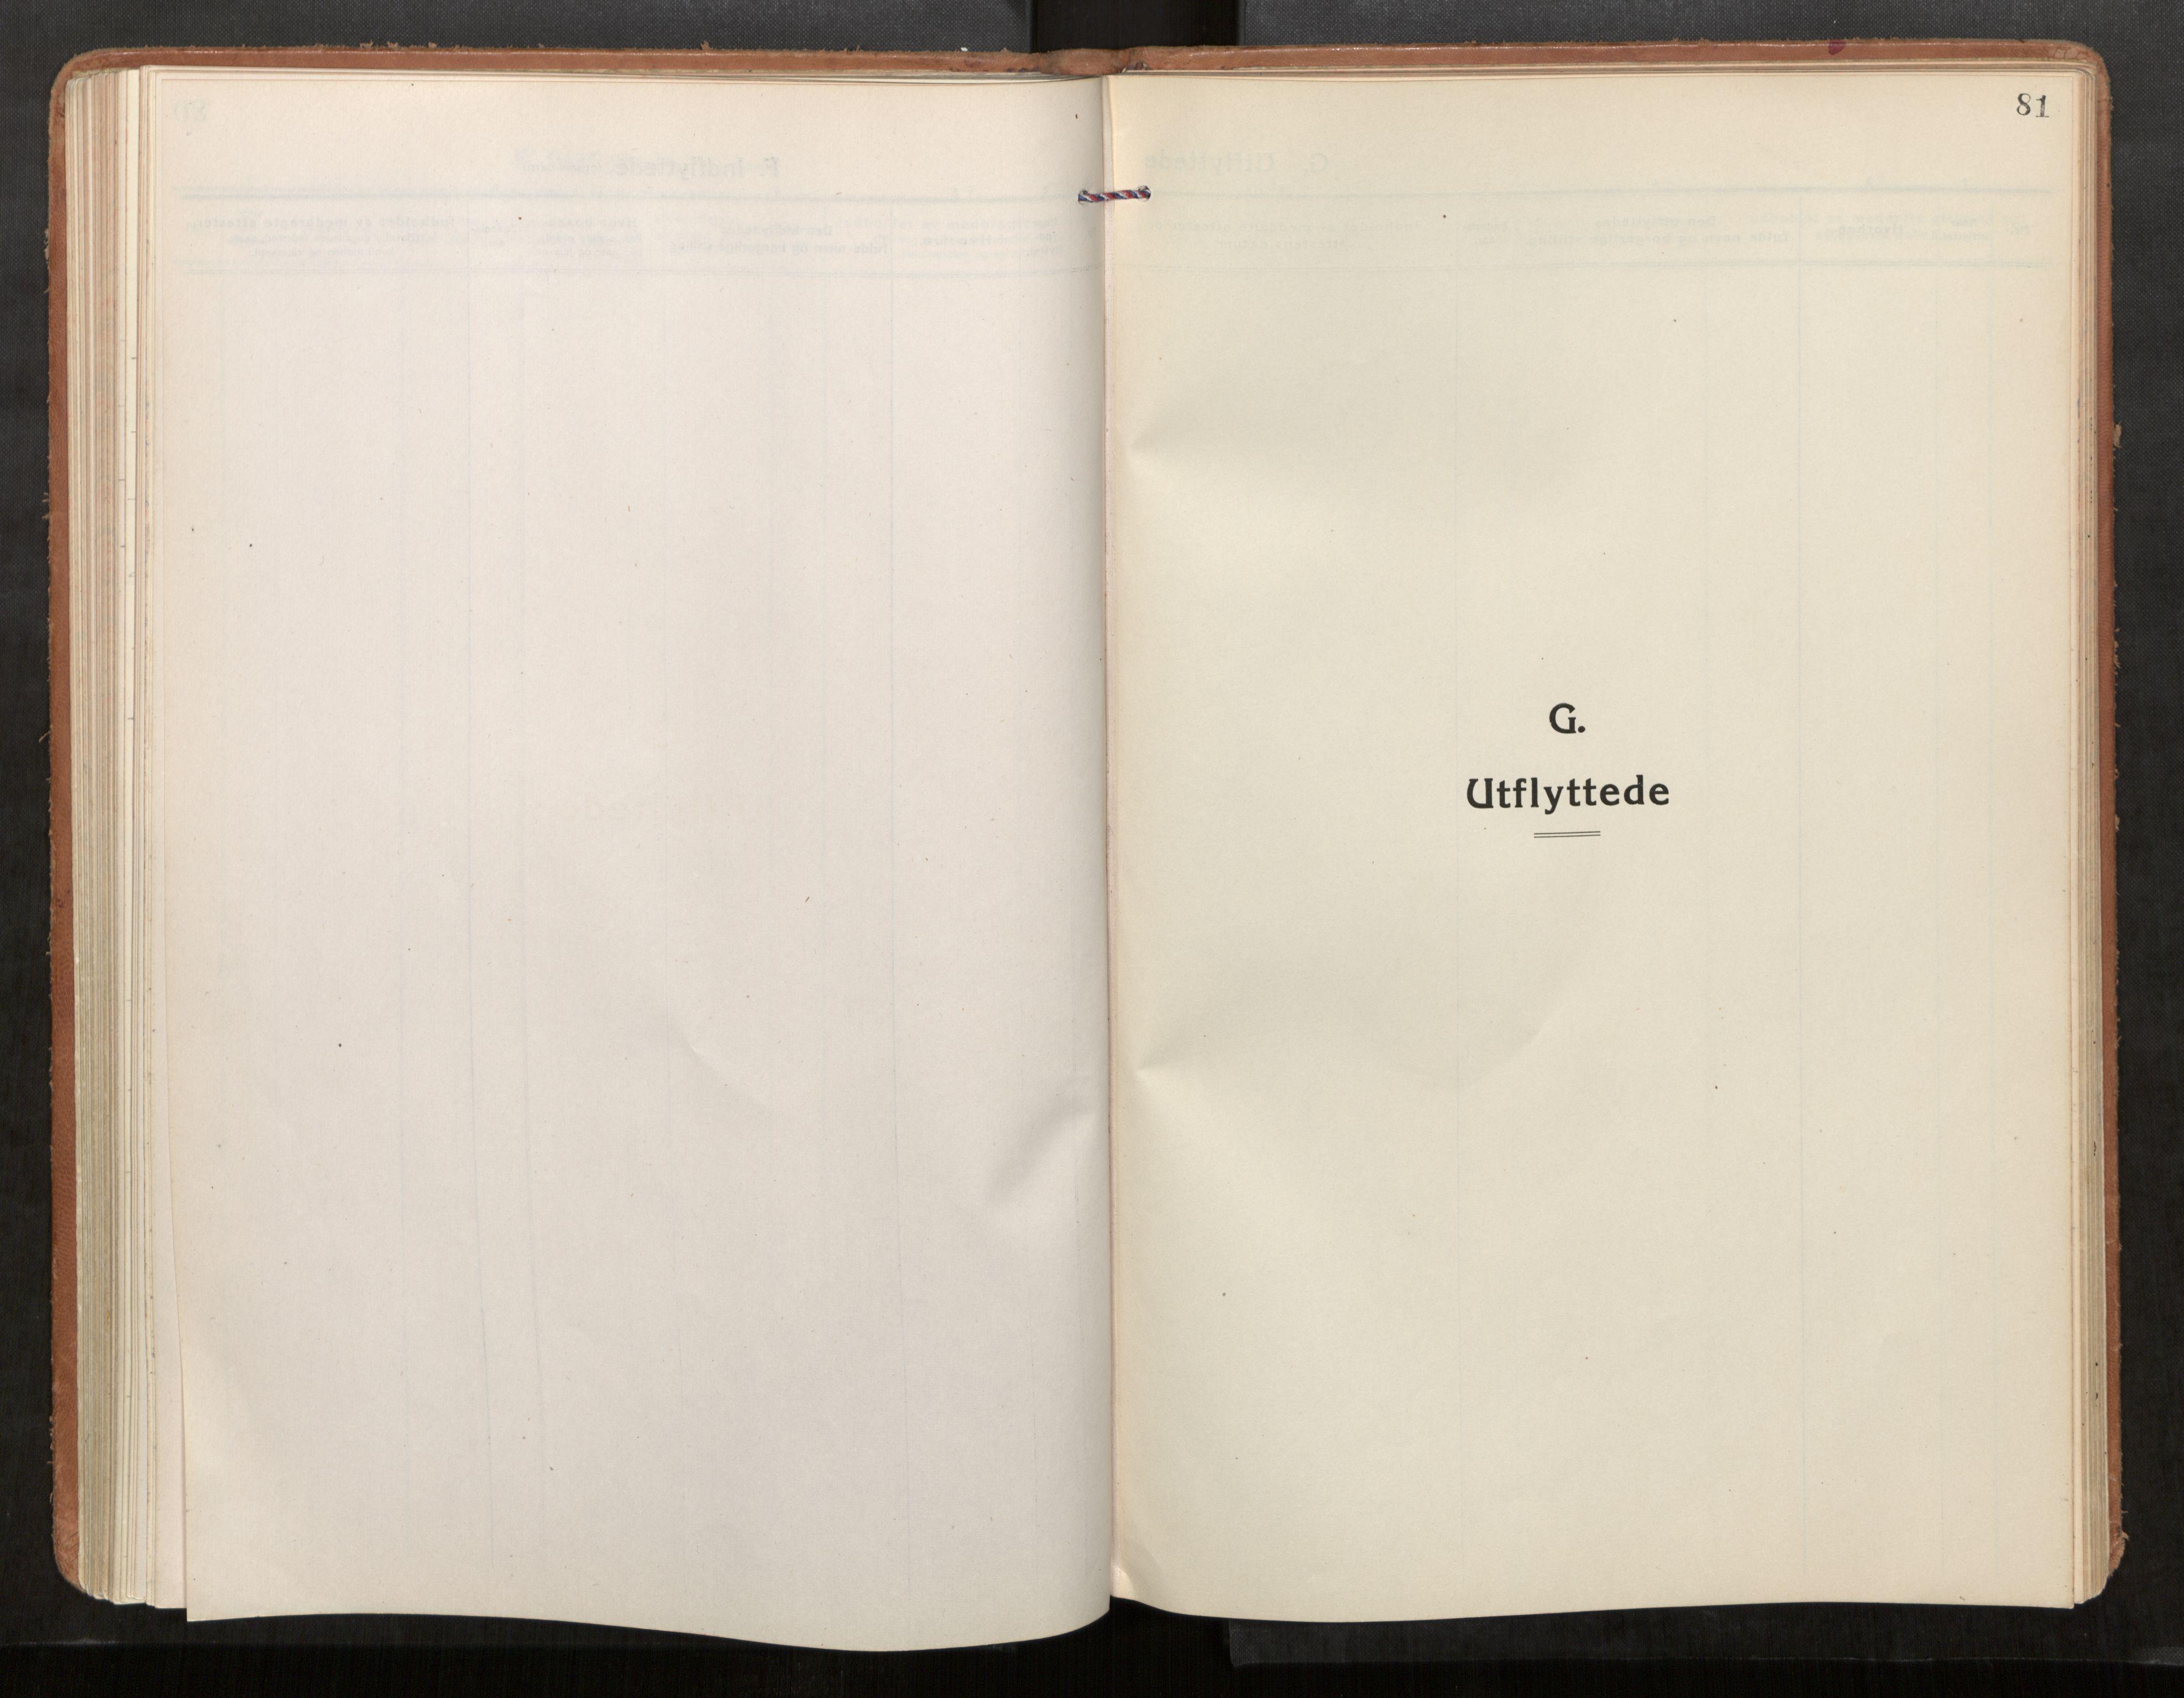 SAT, Stod sokneprestkontor, I/I1/I1a/L0005: Parish register (official) no. 5, 1923-1932, p. 81